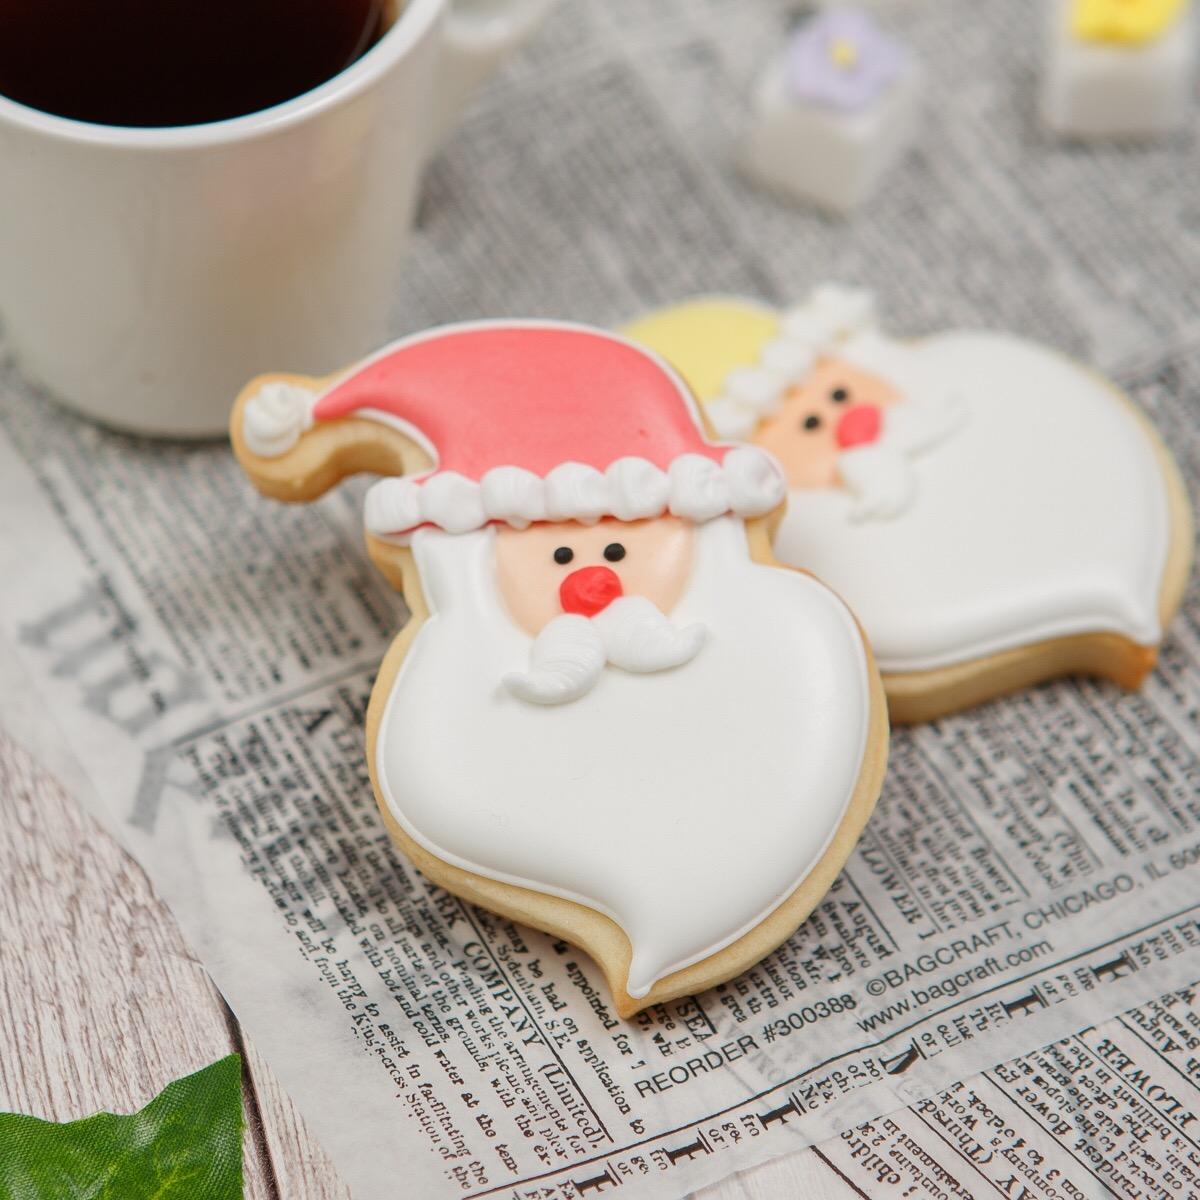 名前入りカラフルサンタ 人気のカラフルサンタ 大特価 サンタB アイシングクッキー クッキー クリスマス プチギフト かわいい お菓子 文字入れ 名入れ 正規認証品!新規格